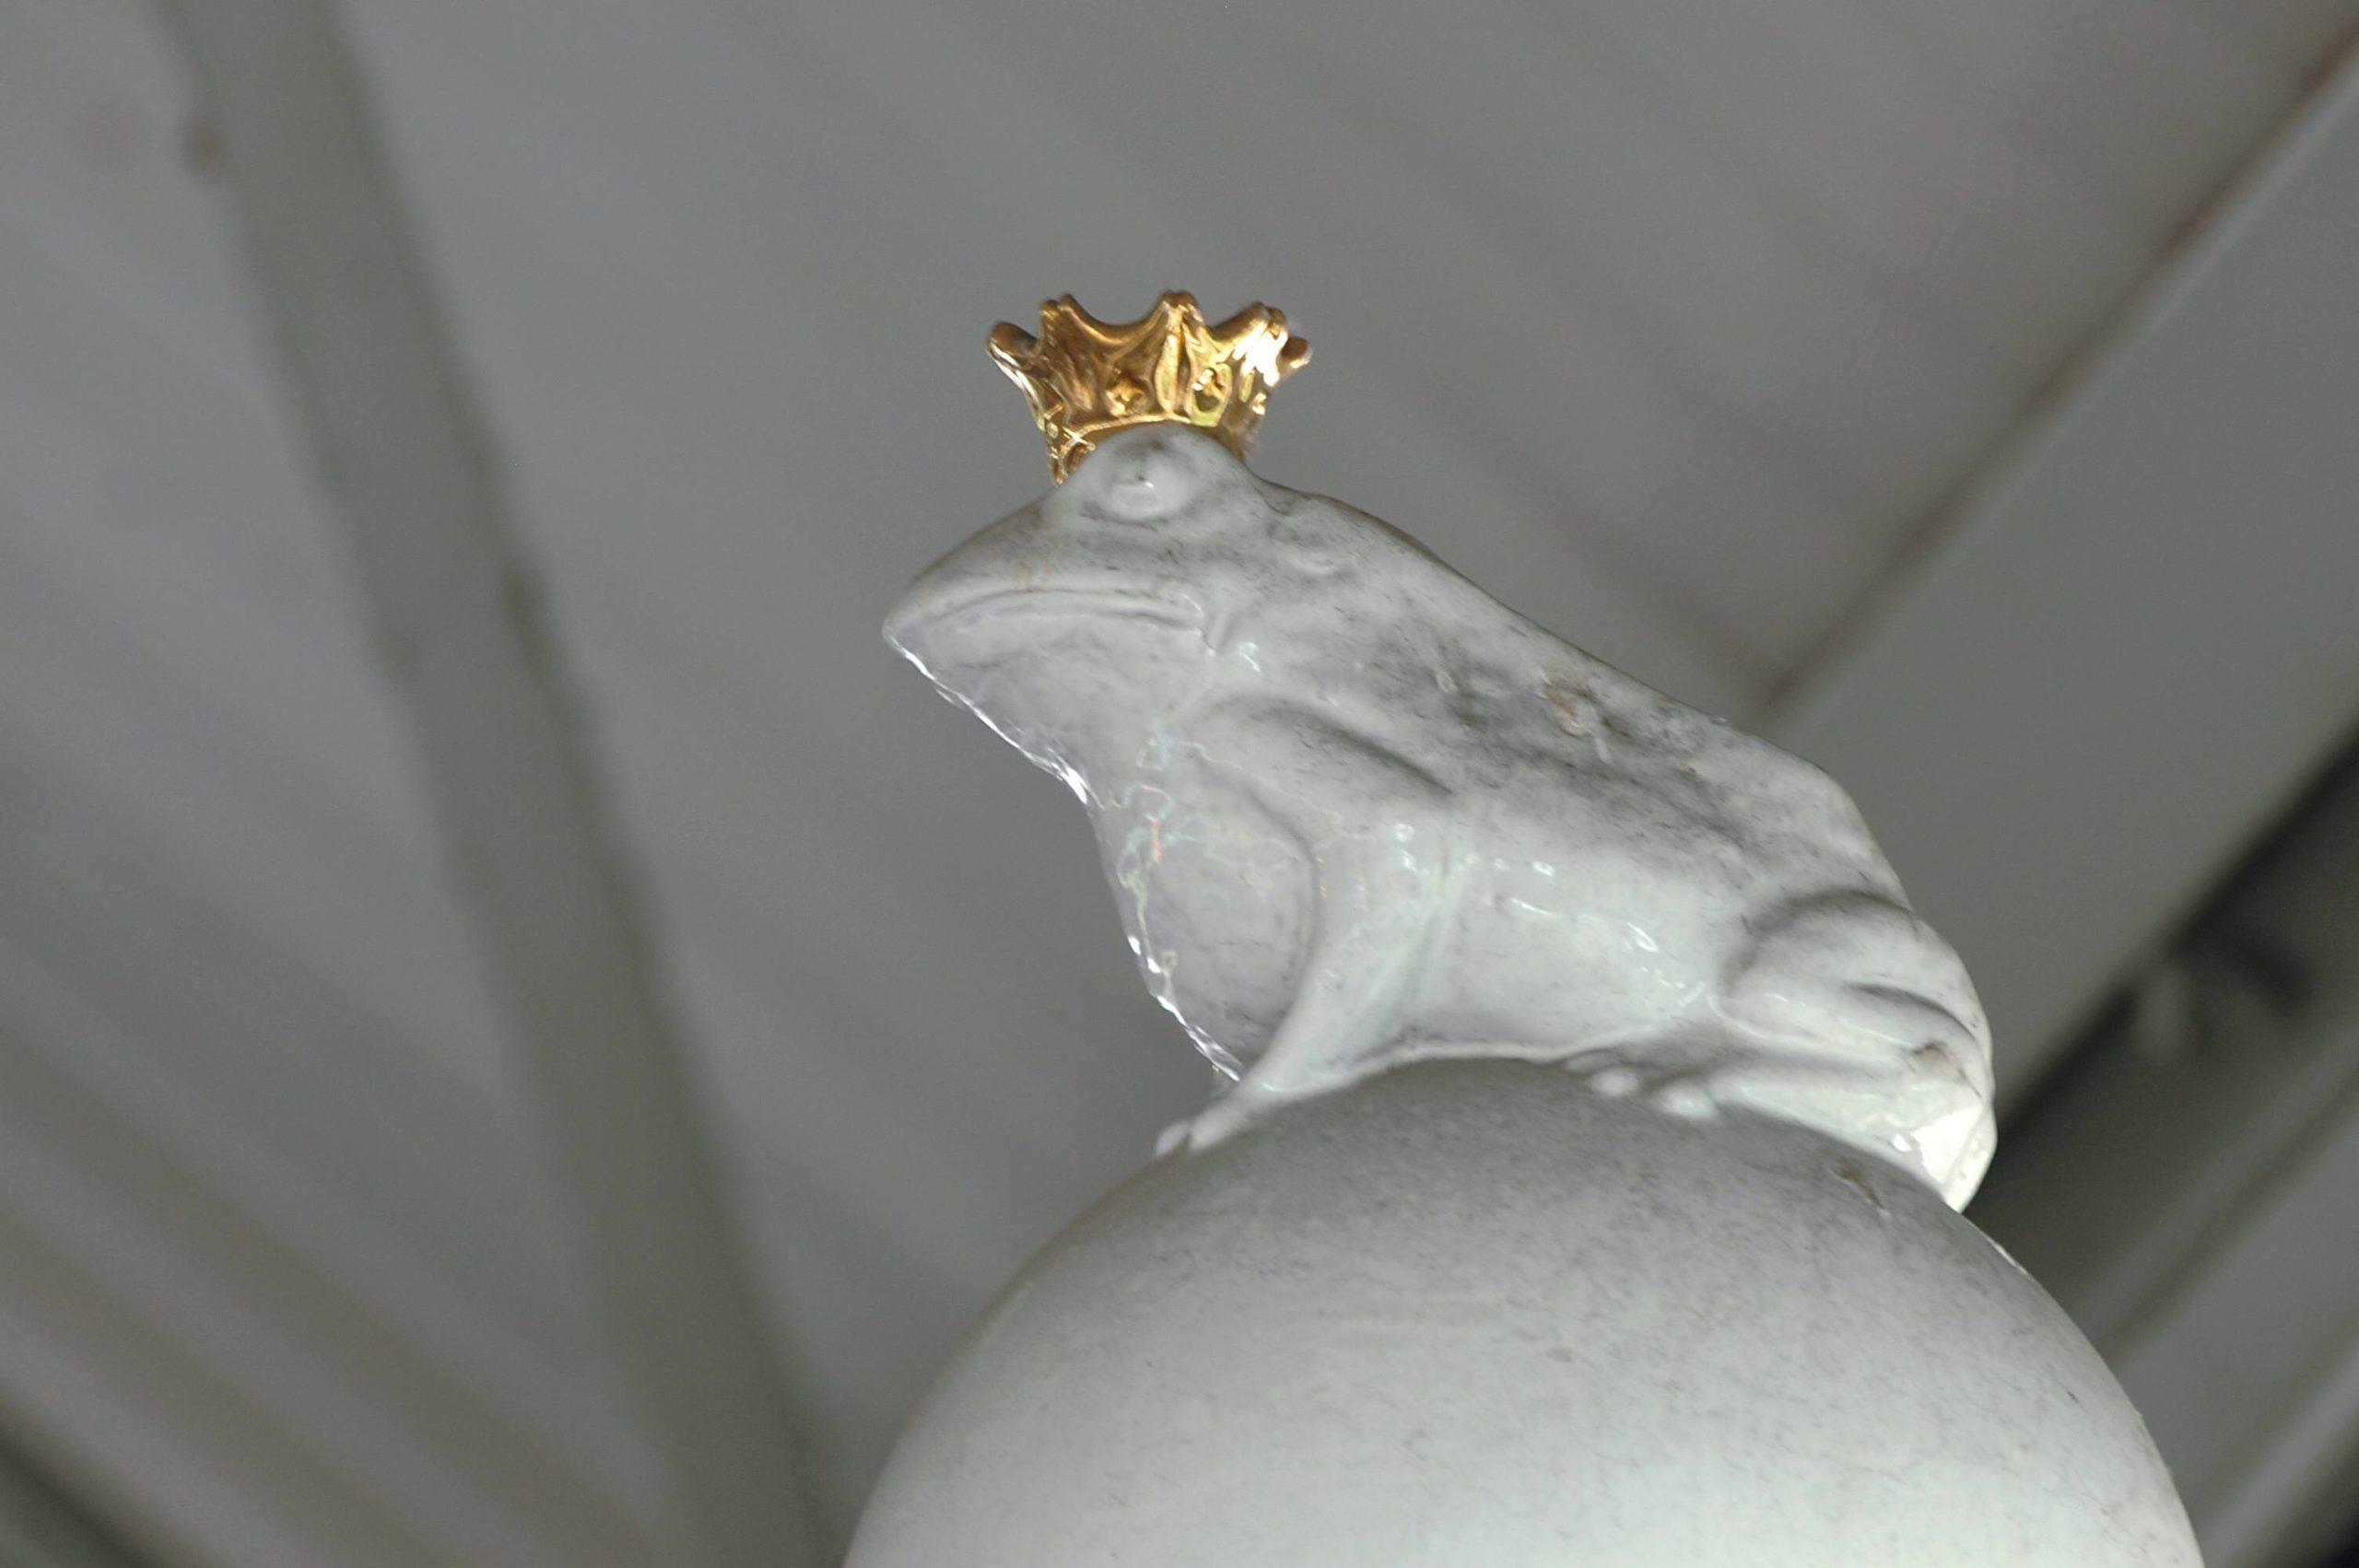 Märchen Berlin Die Magie steckt im Detail: Habt ihr schon einmal auf den Porzellan-Frosch mit dem goldenen Krönchen geachtet, der den U-Bahnhof Prinzenstraße märchenhaft verziert?